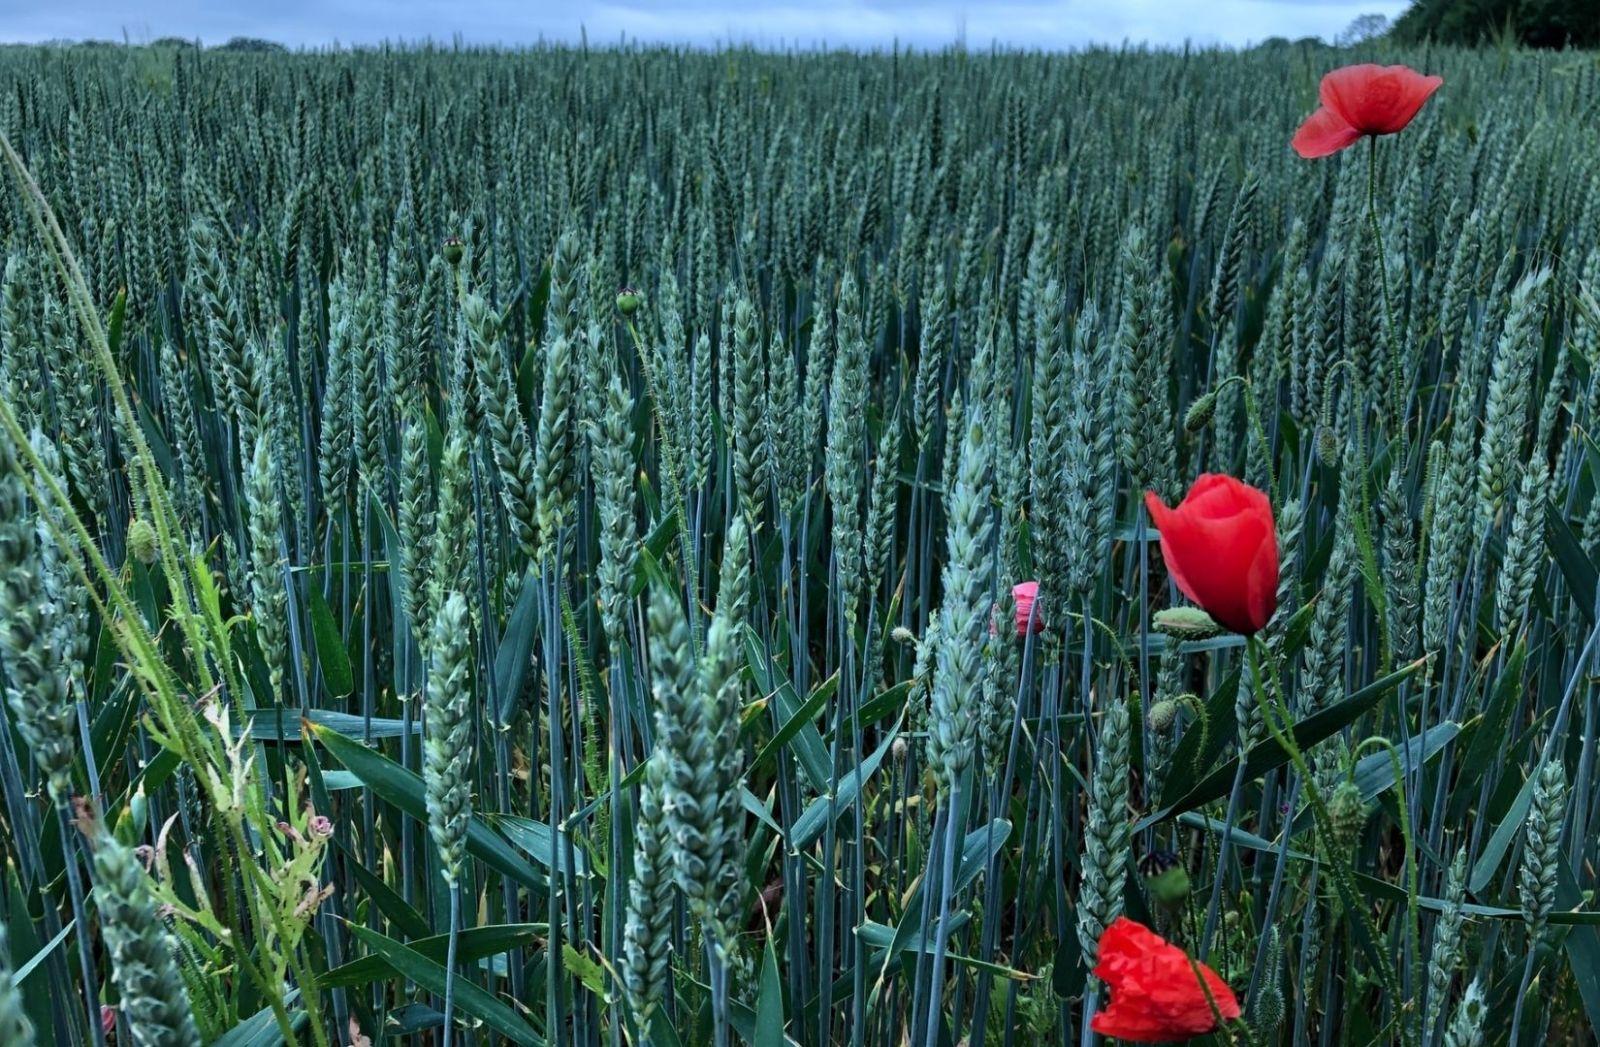 Revanchismus findet sich nicht auf bestellten Feldern. (Foto: Abi Nash, Unsplash.com)